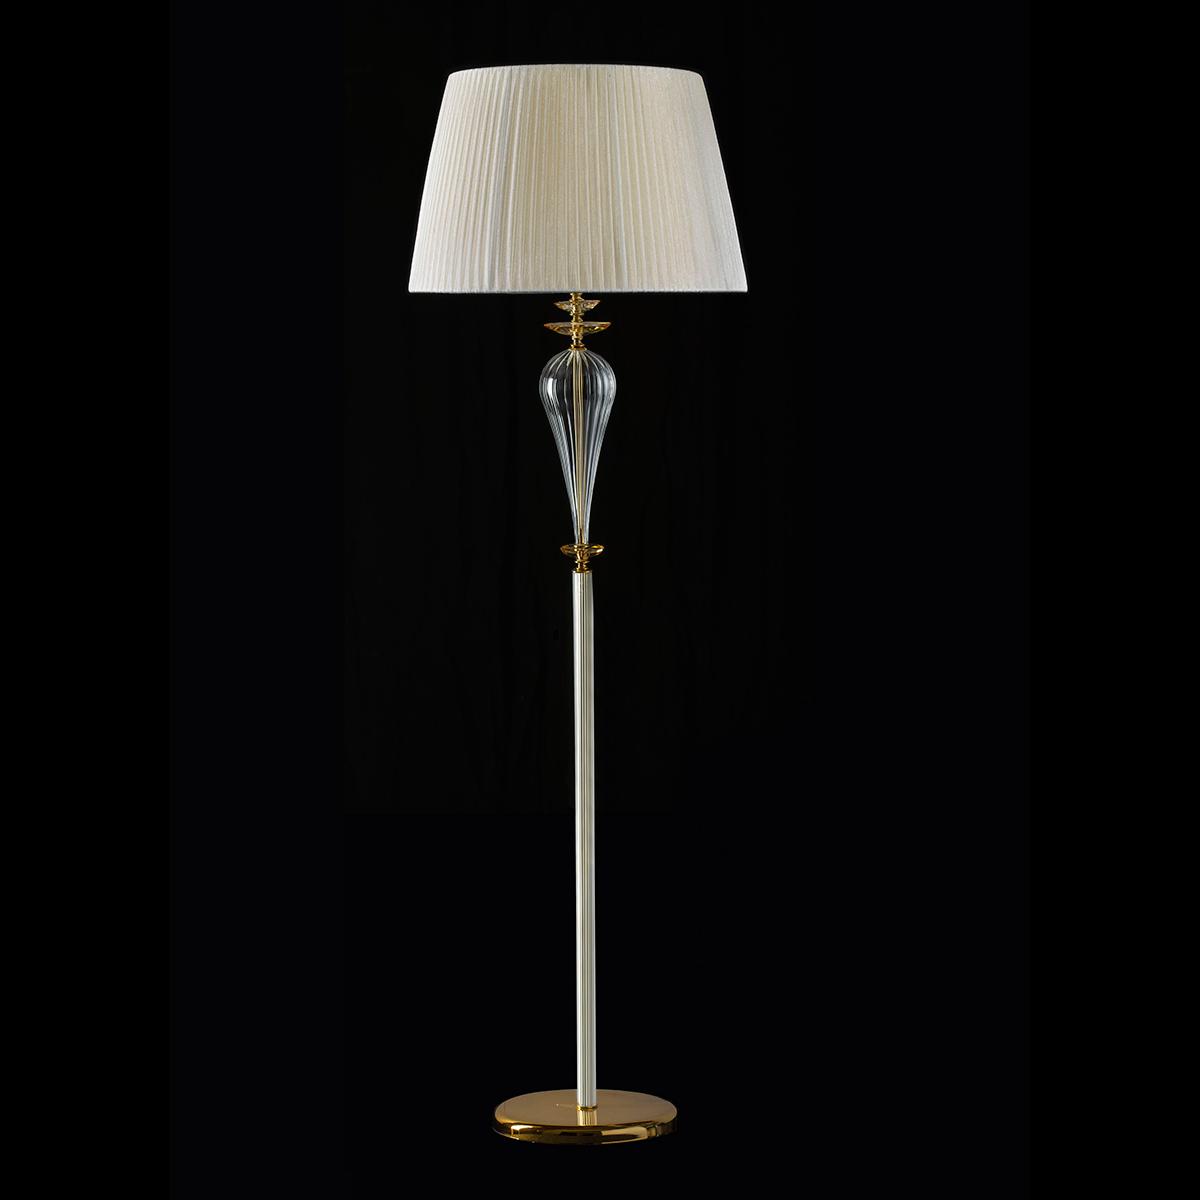 Noir lampada da terra 53400 - на 360.ru: цены, описание, характеристики, где купить в Москве.